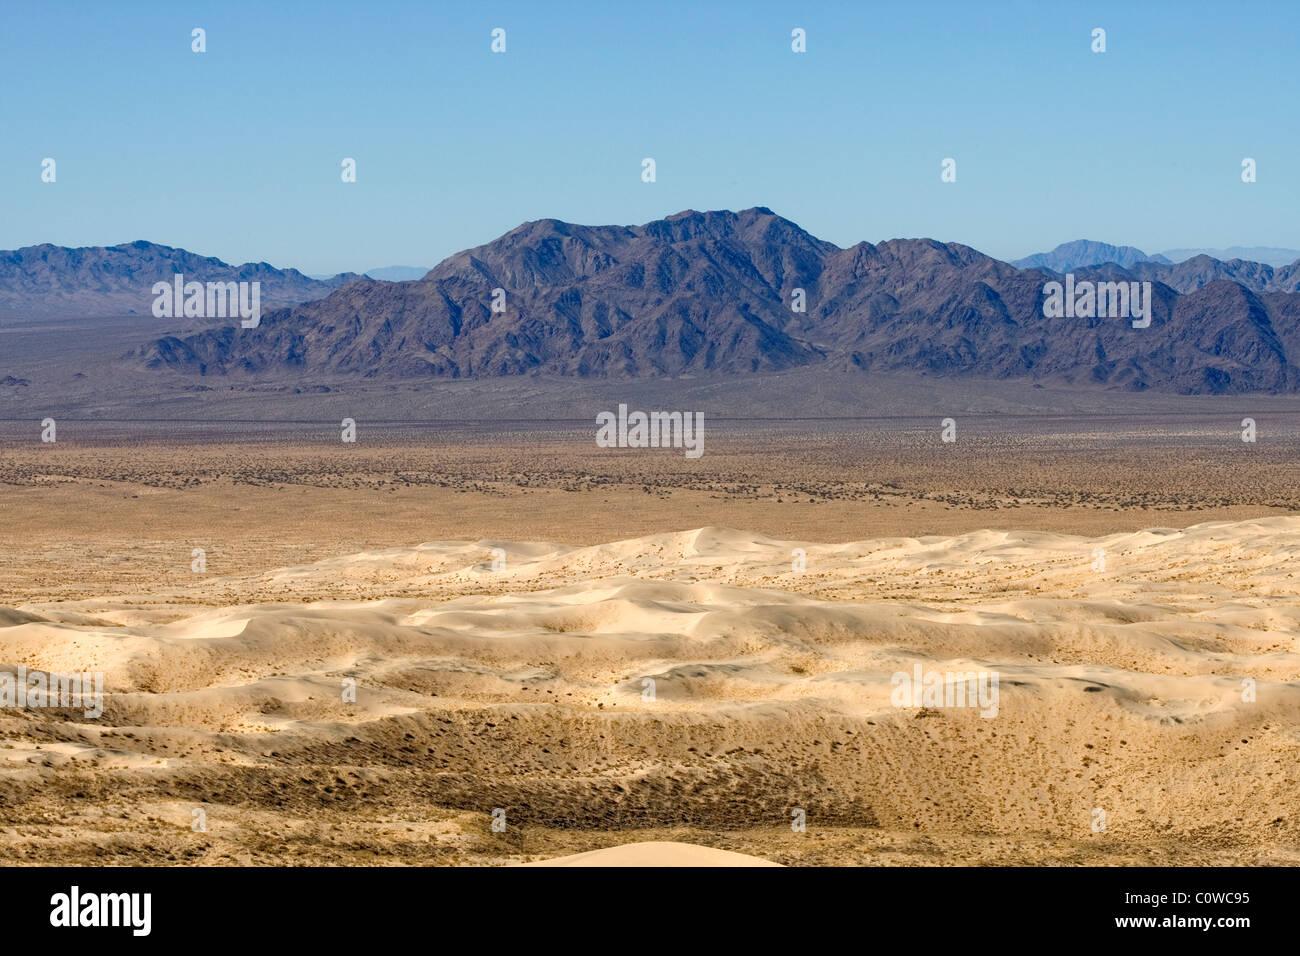 Landschaft der Mojave-Wüste, California. Stockbild